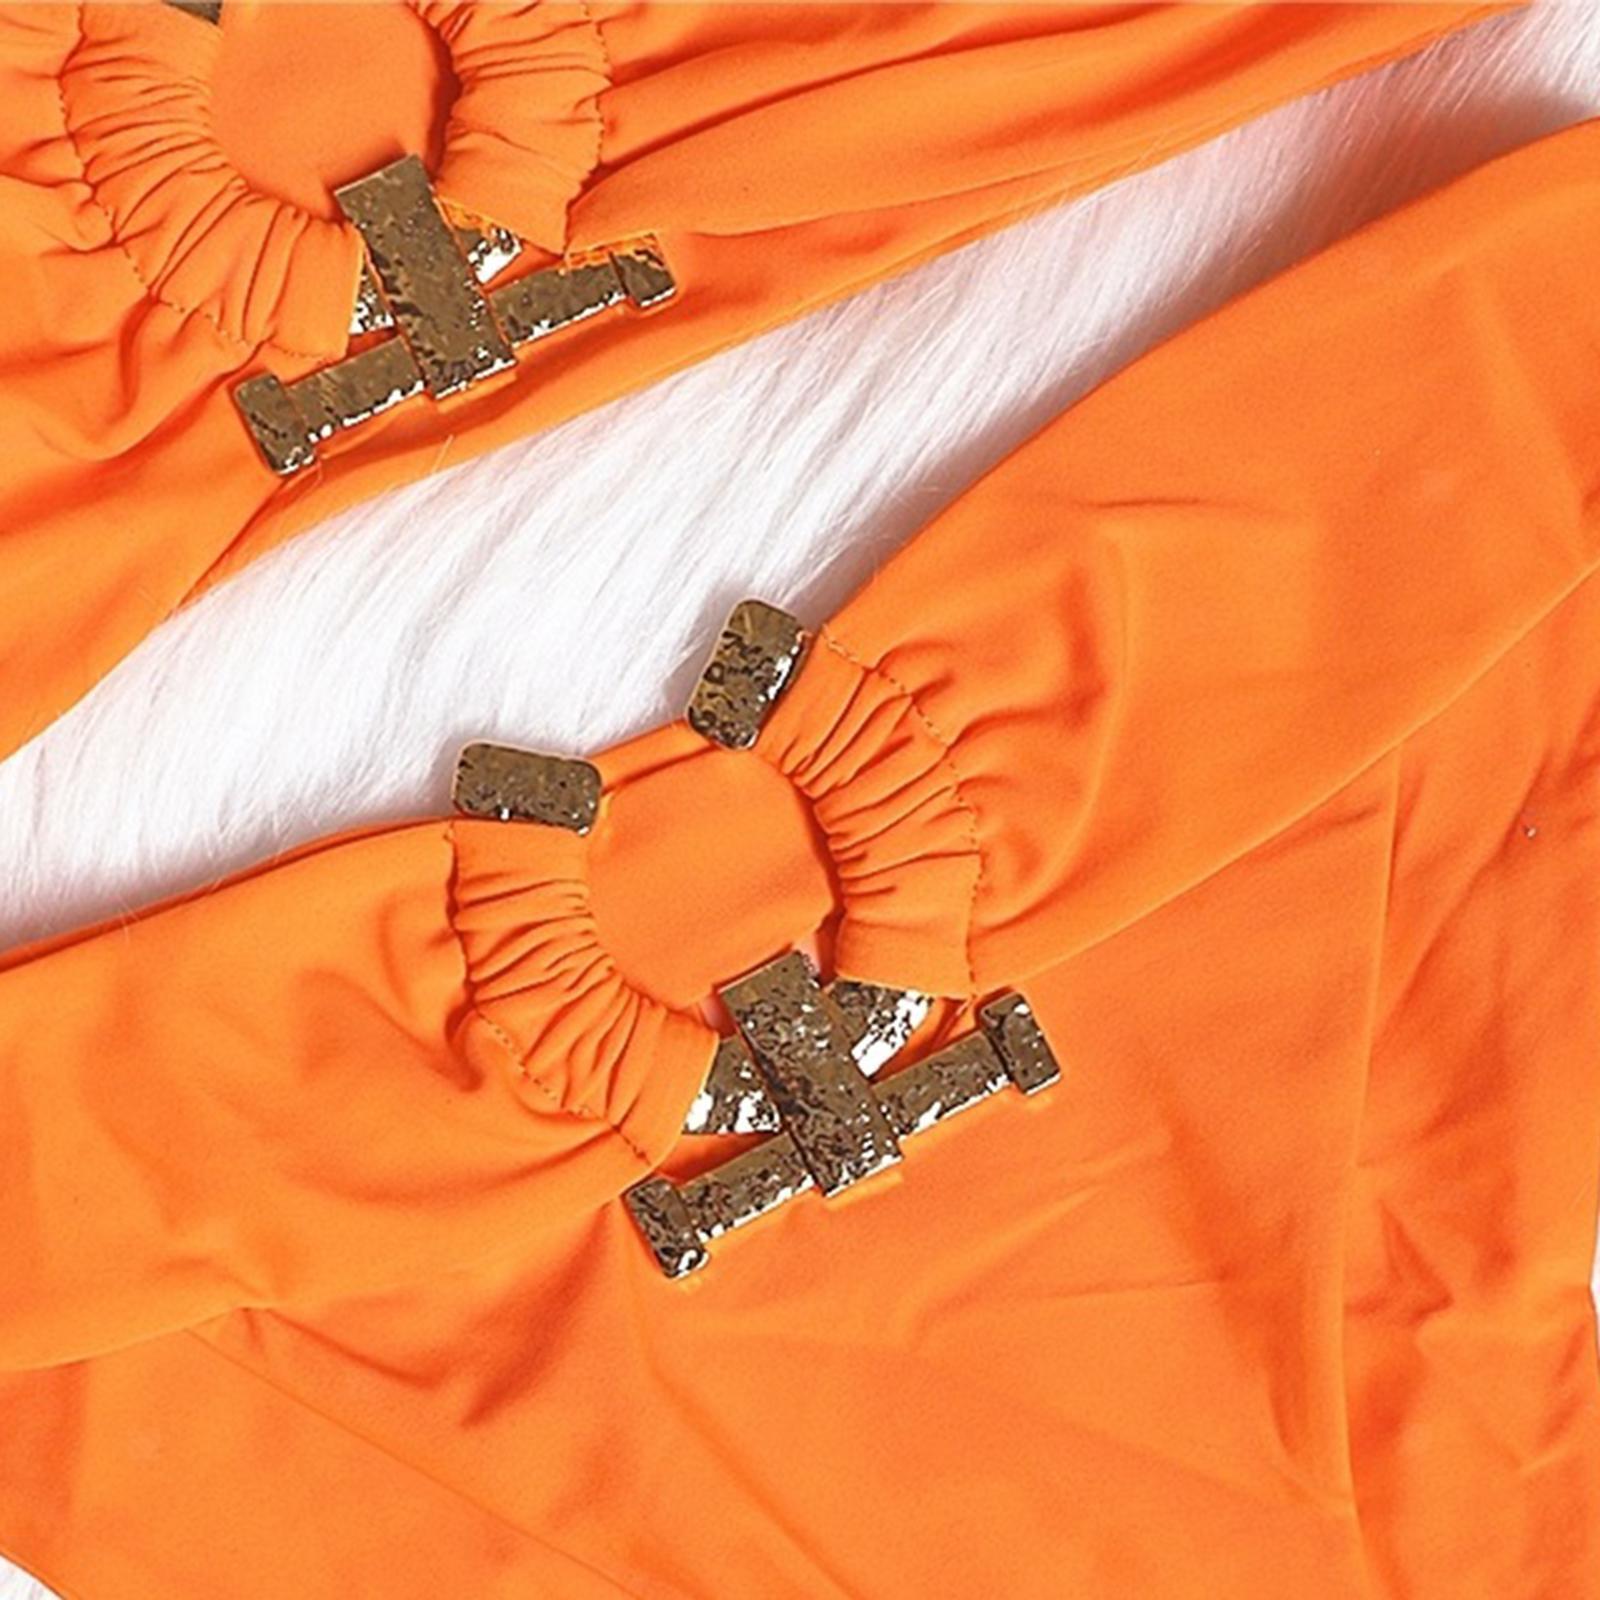 Indexbild 105 - Zwei Stücke Bikini Set Strappy Bademode Party Badeanzug Tankini Bademode